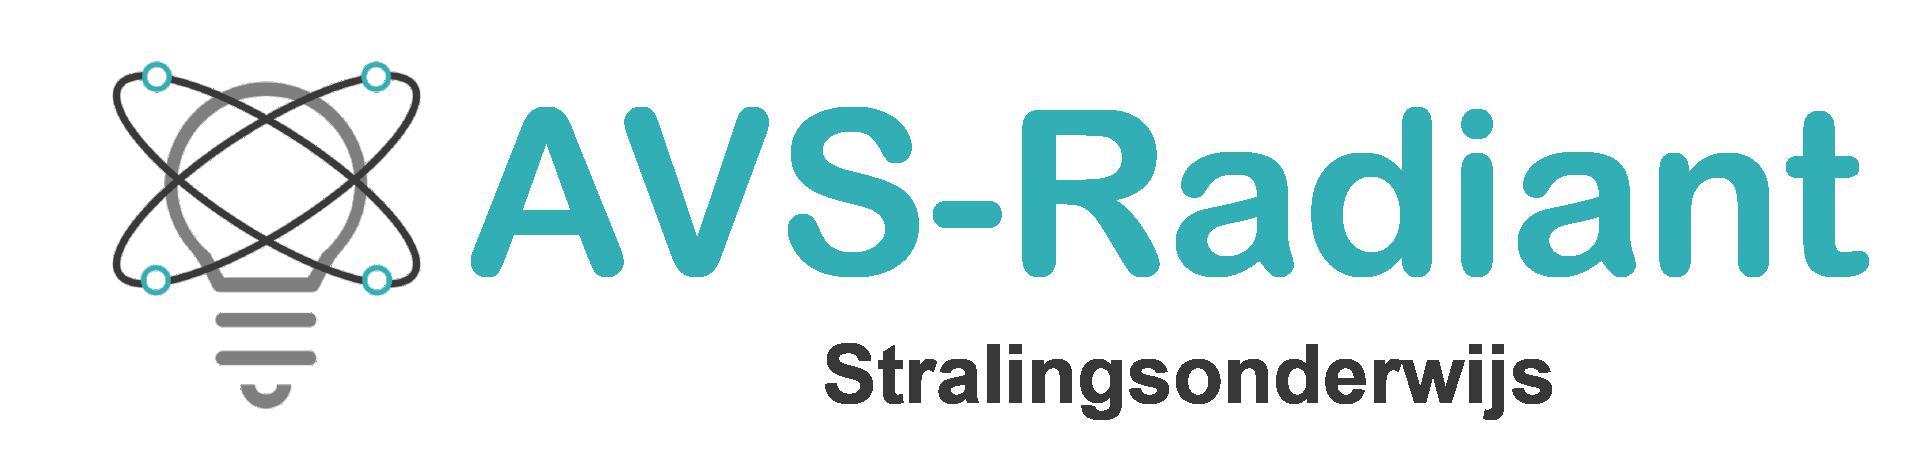 AVS-Radiant